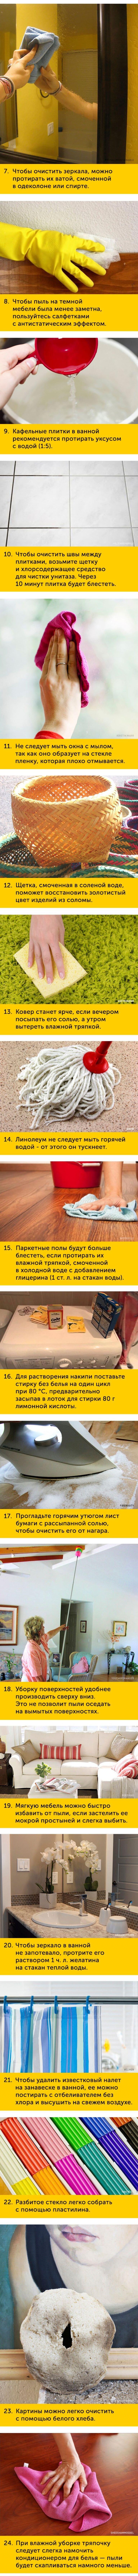 Полезные советы: Уборка квартиры